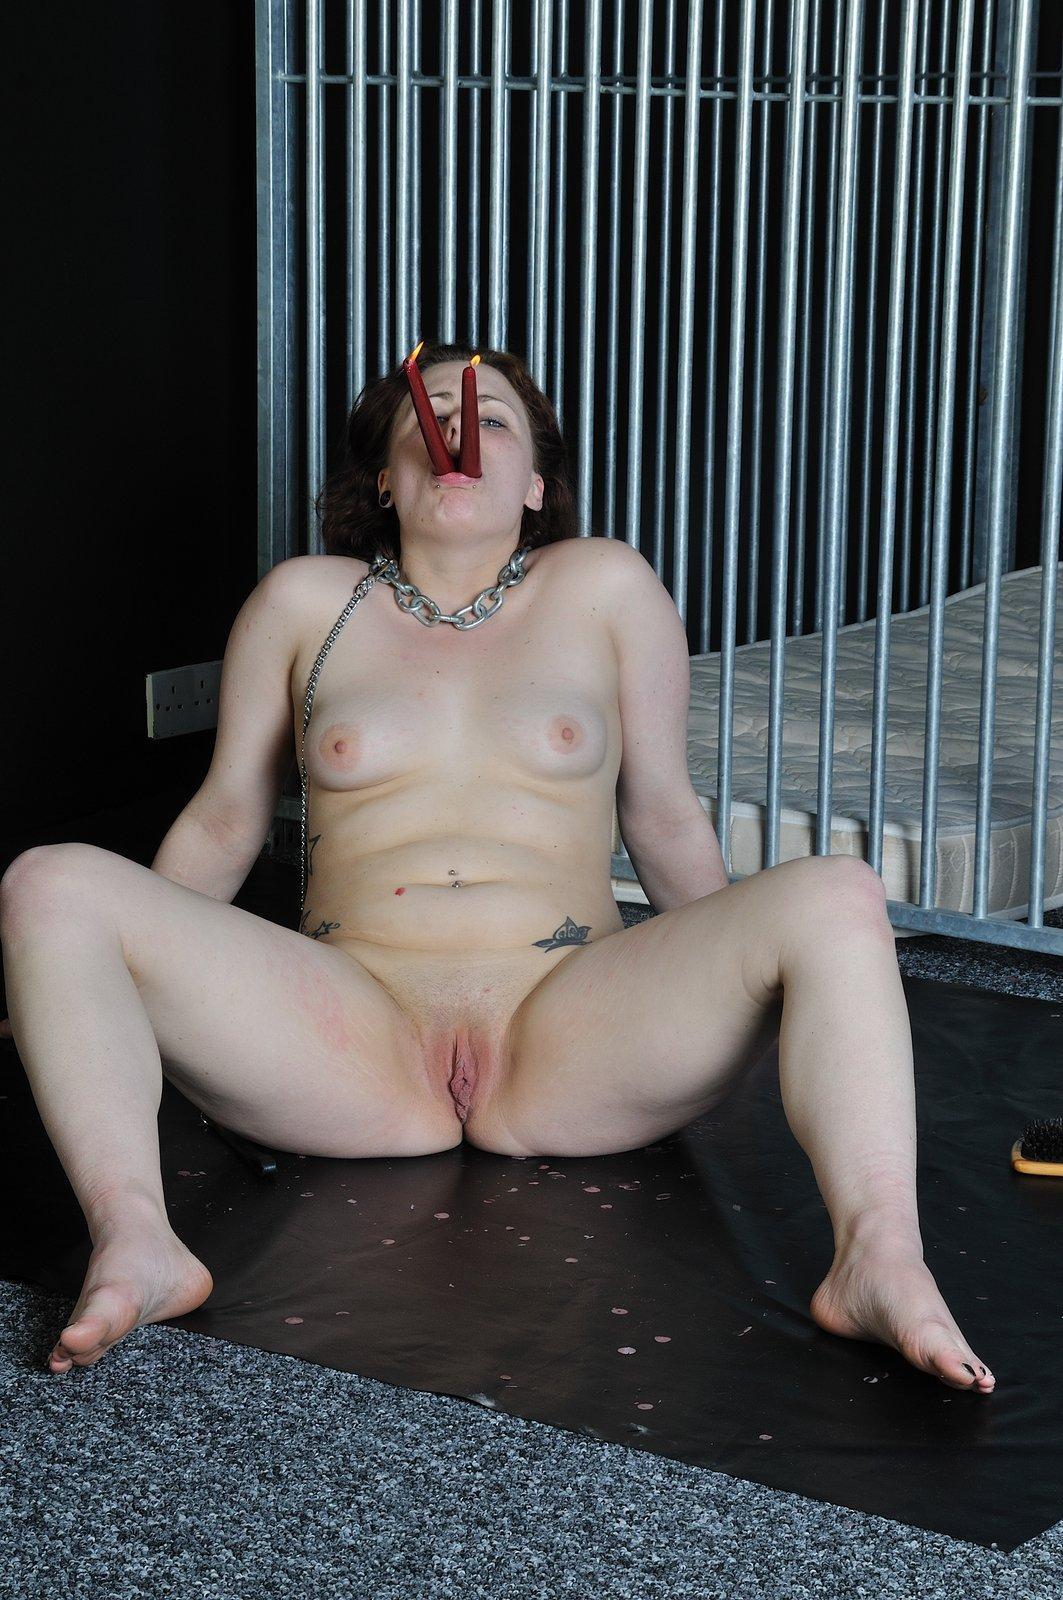 Xrope.com porn